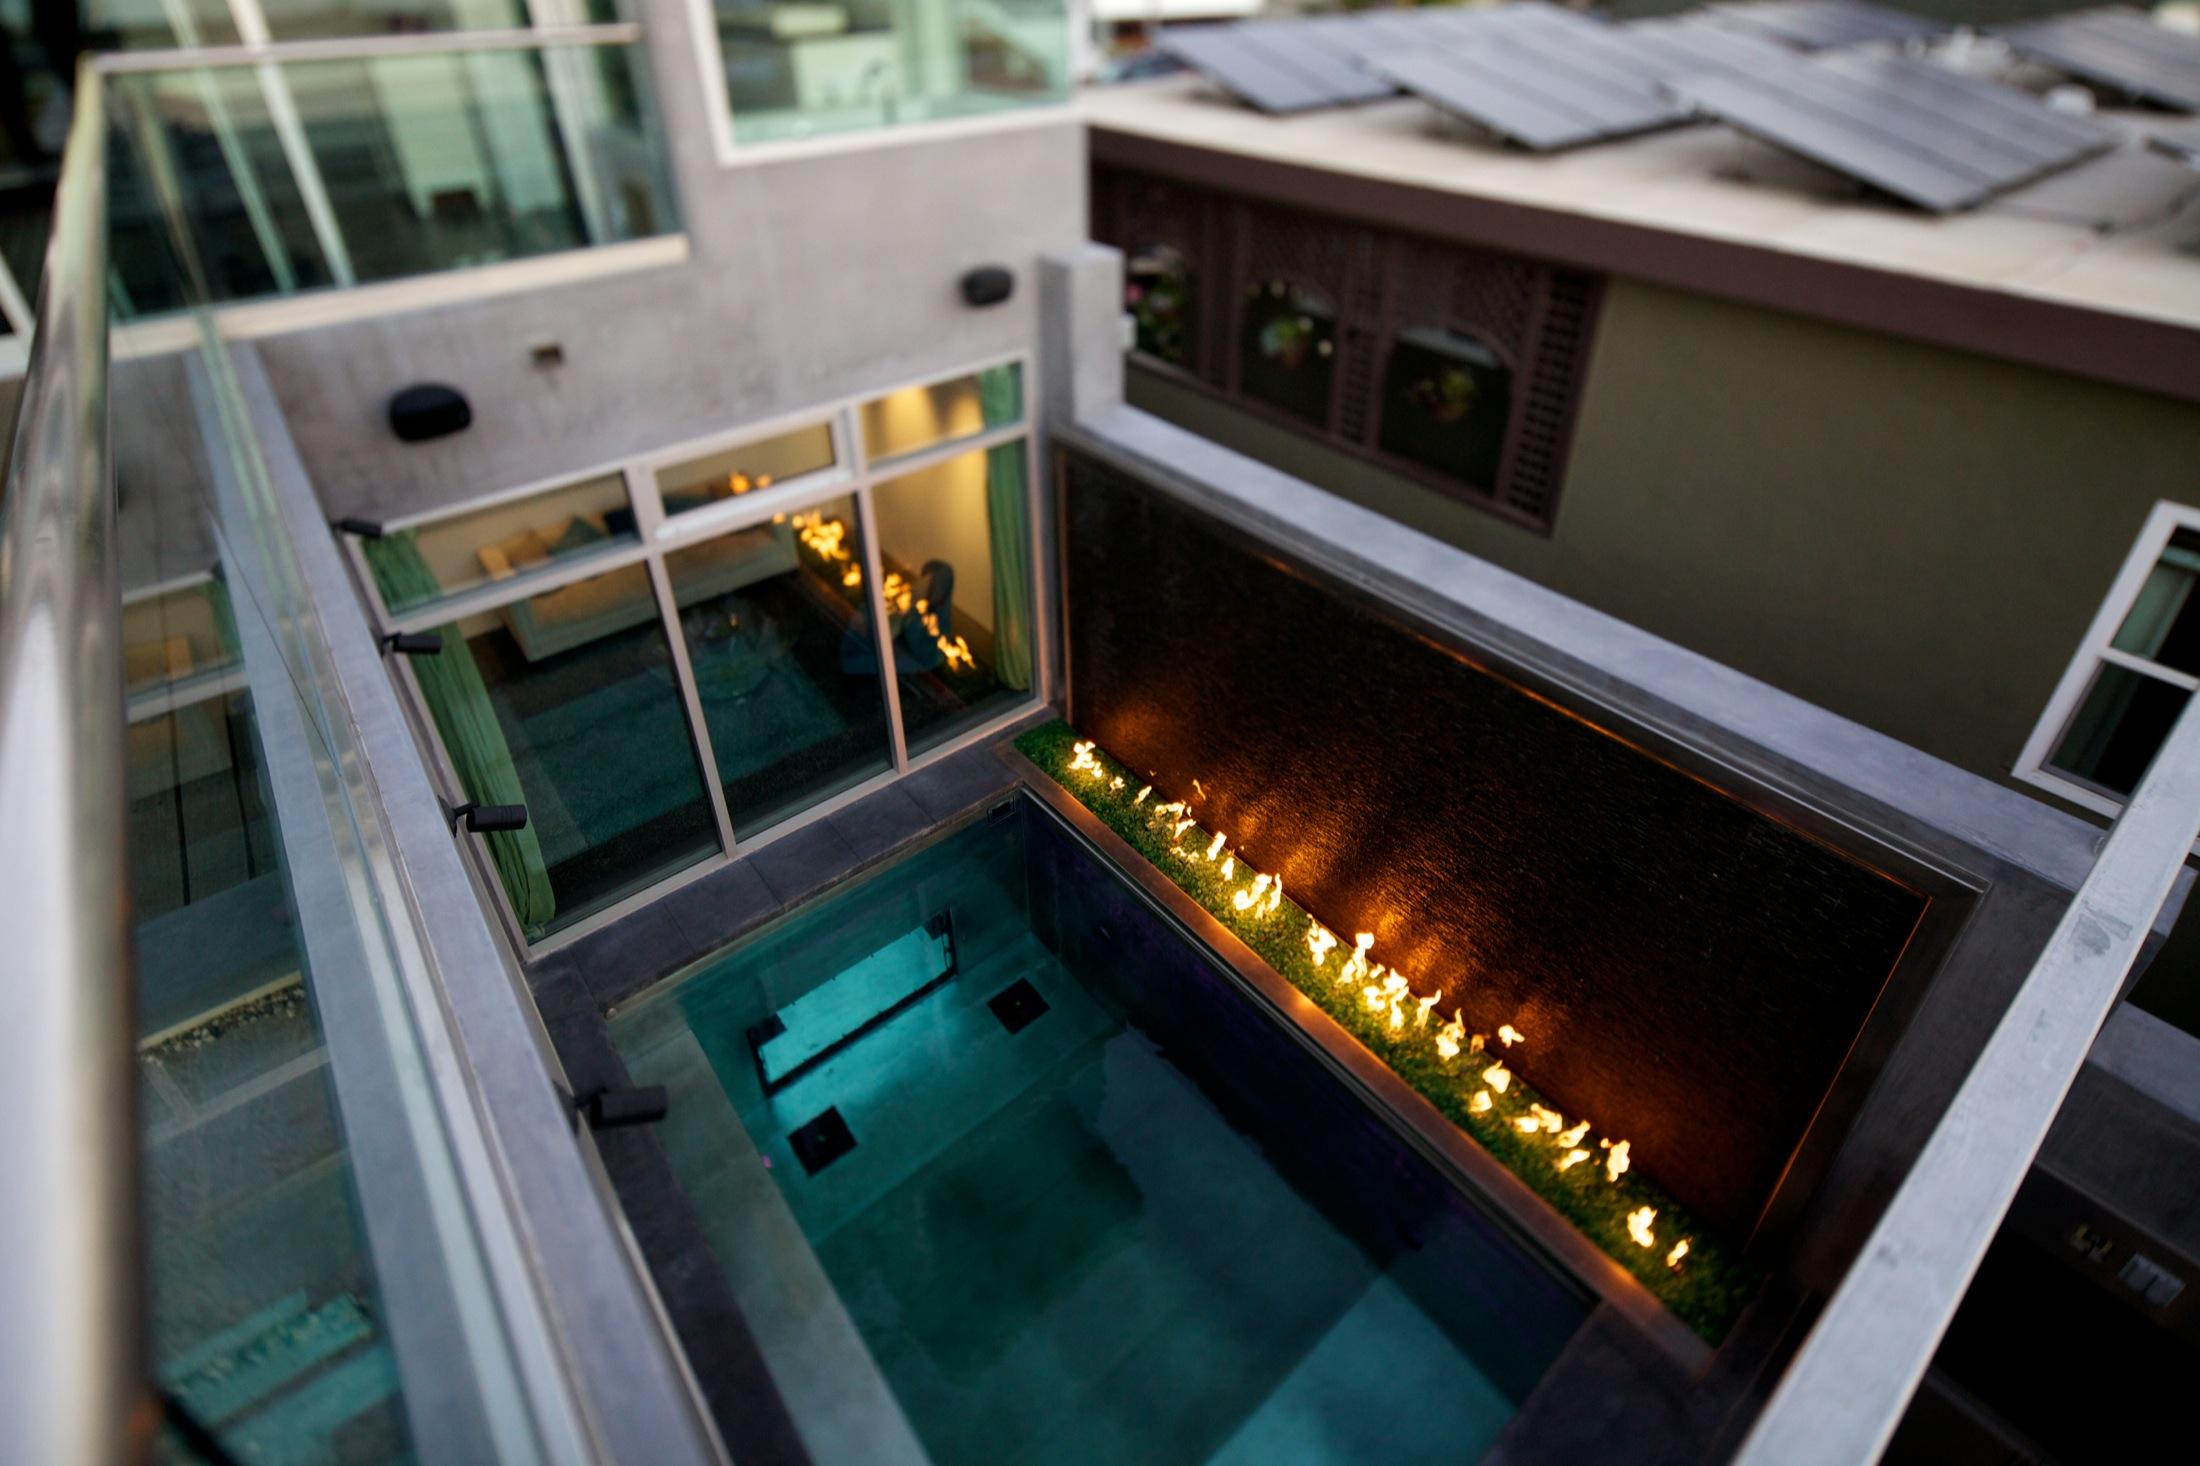 Hermosa_House_photocredit_Carson_Leh.jpg 4.jpg